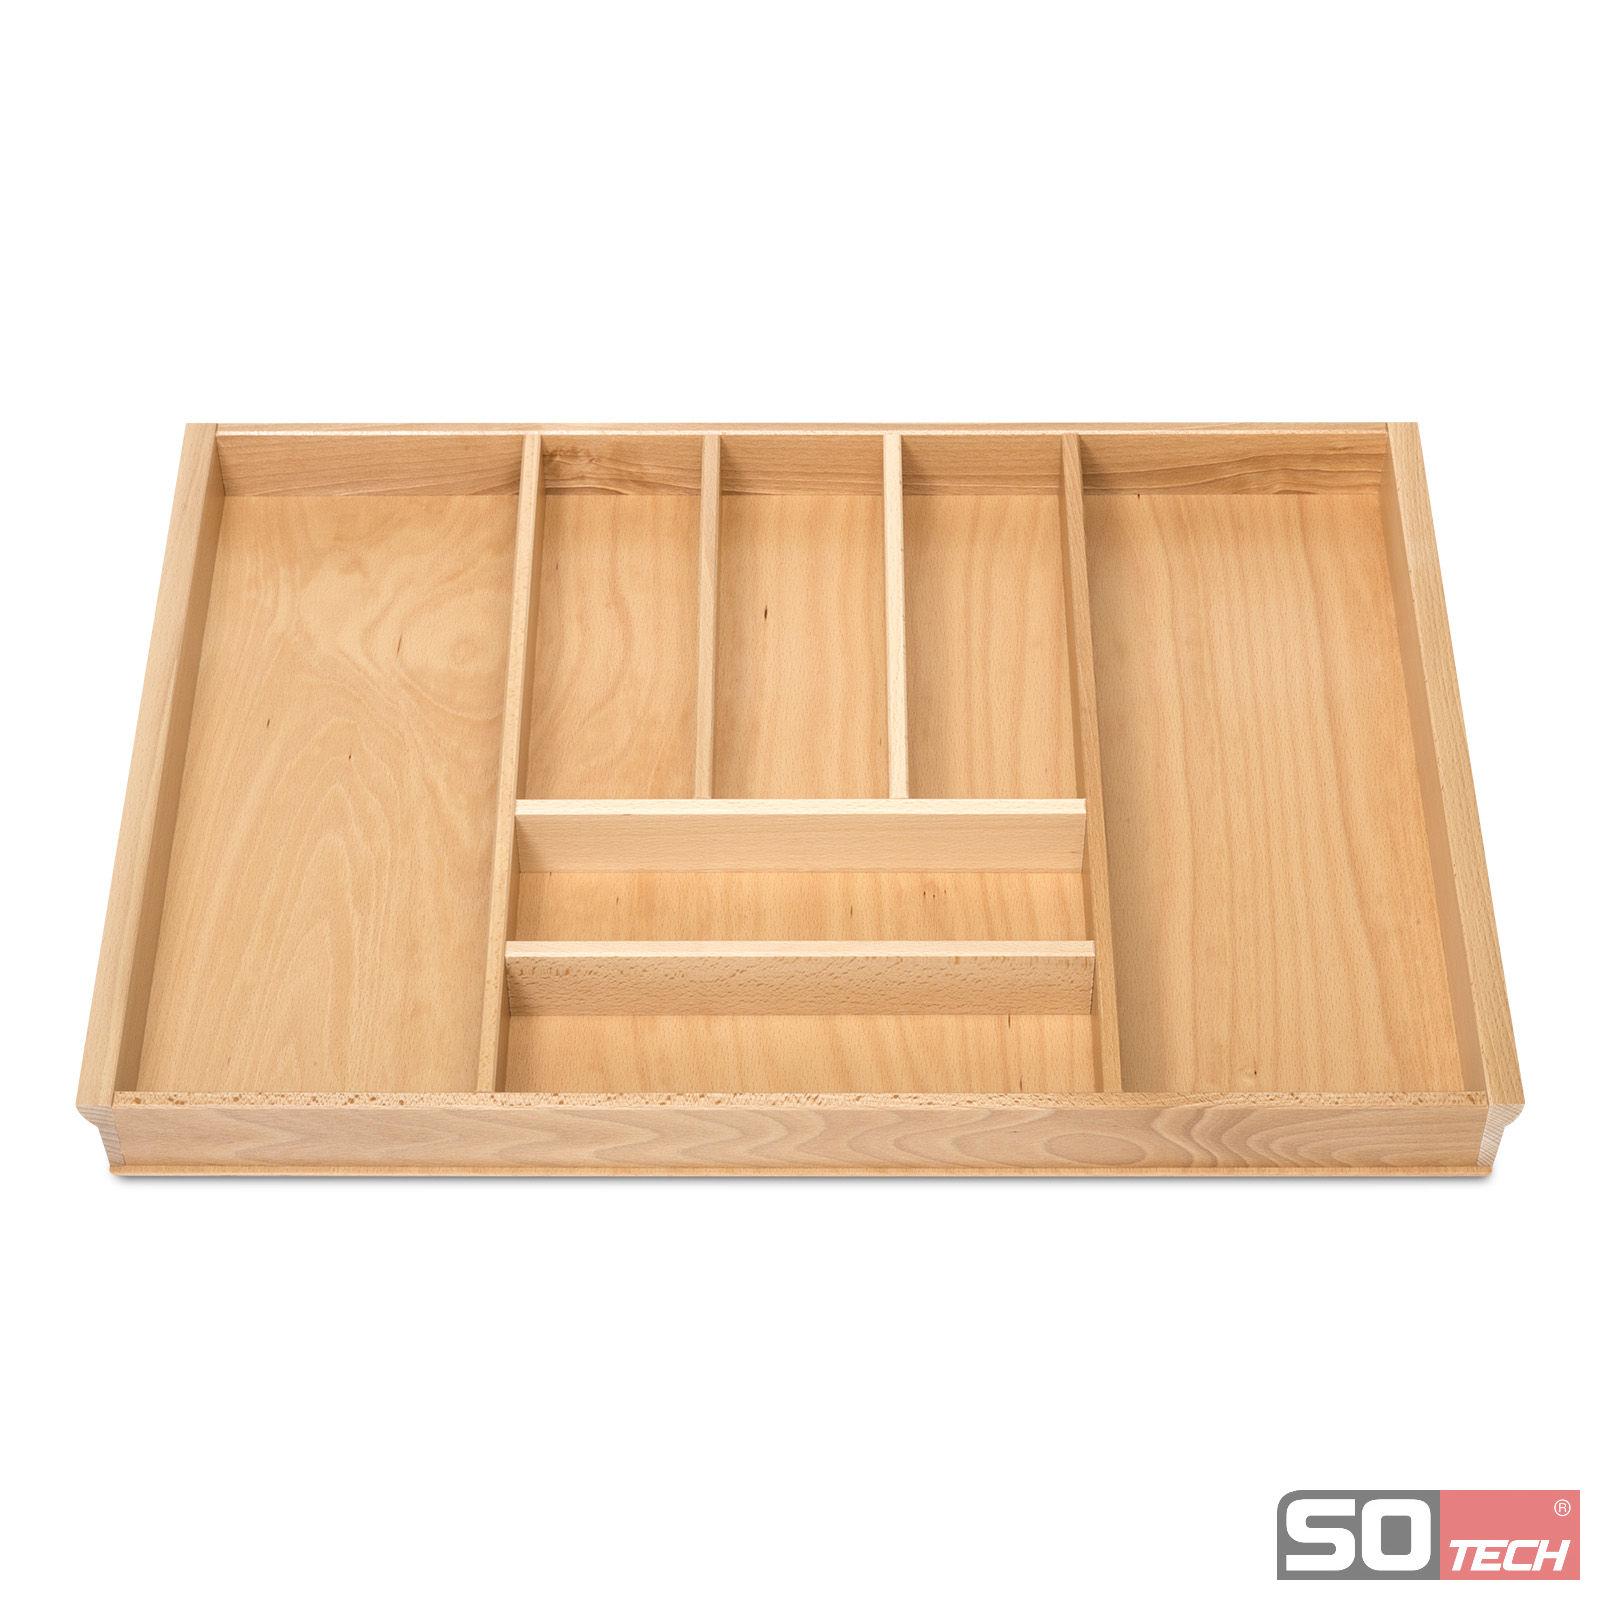 orga box iii besteckeinsatz 45 cm schubladeneinsatz u a f r nobilia ab 2013 ebay. Black Bedroom Furniture Sets. Home Design Ideas